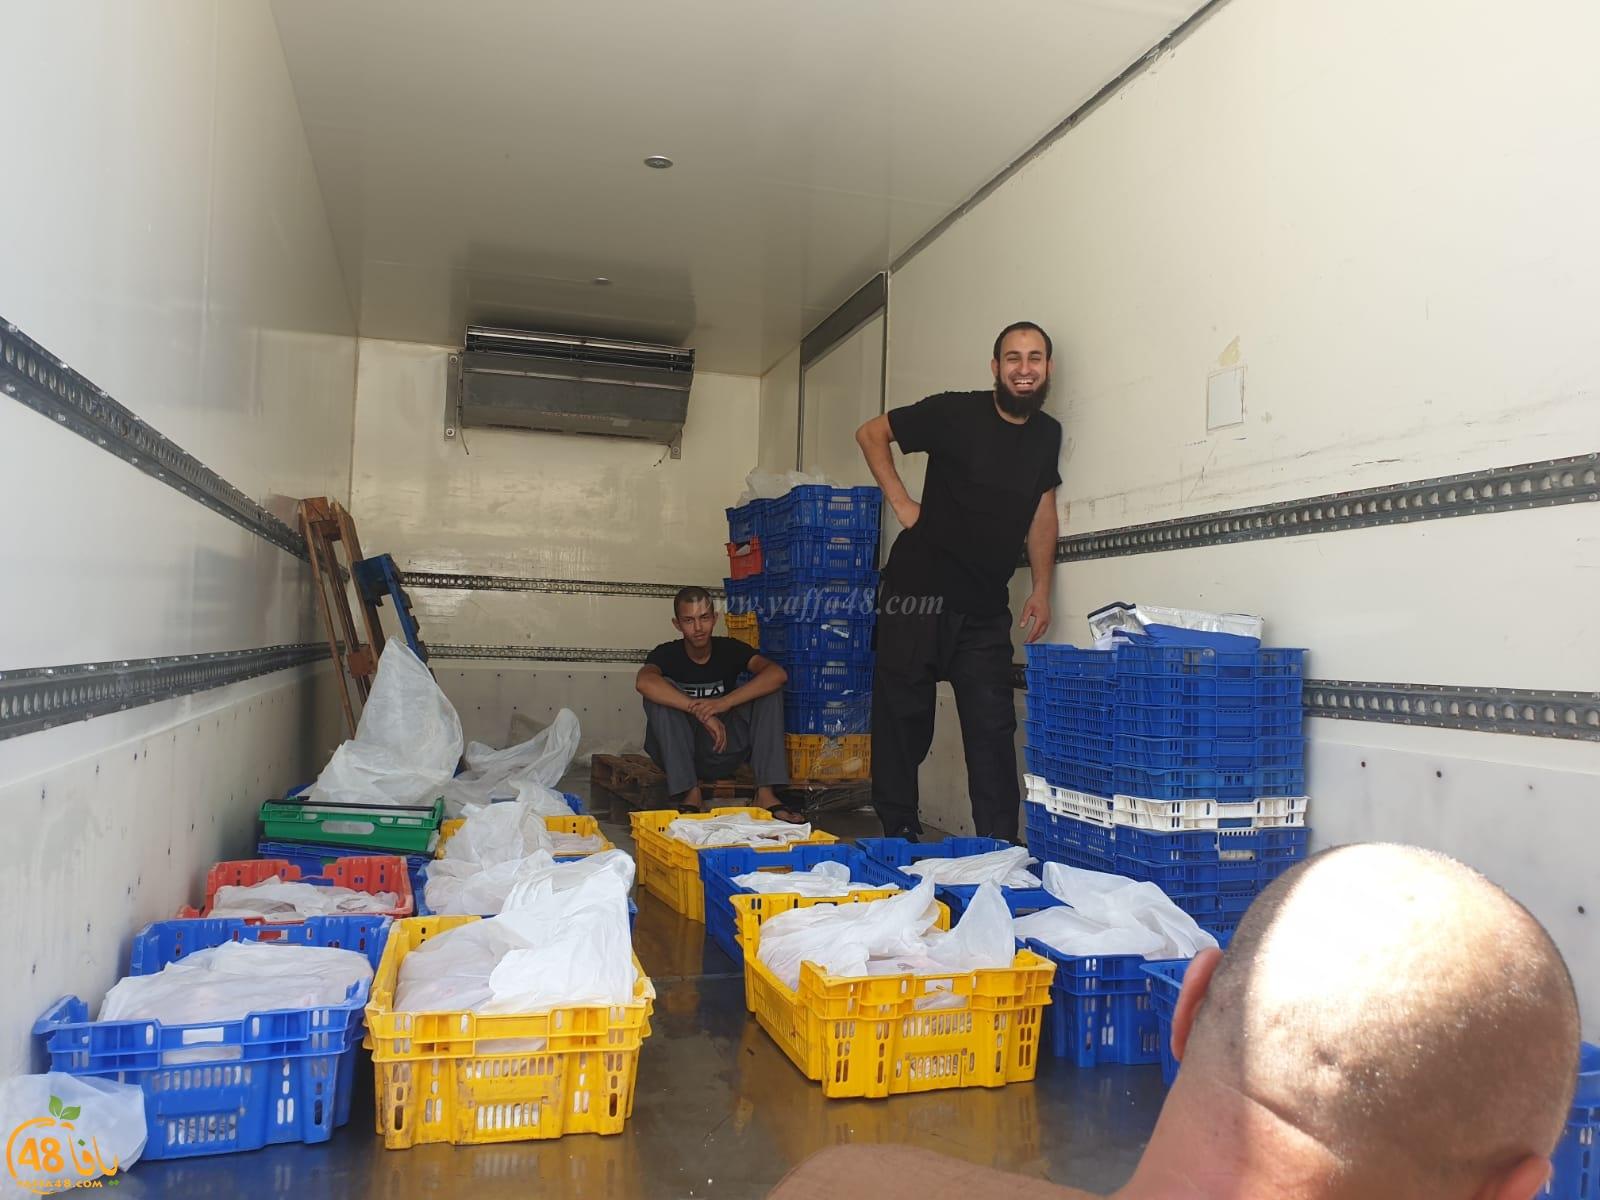 التوزيع حتى الخامسة - جمعية يافا تدعو كل العائلات اليافية لاستلام حصتها من لحوم الأضاحي